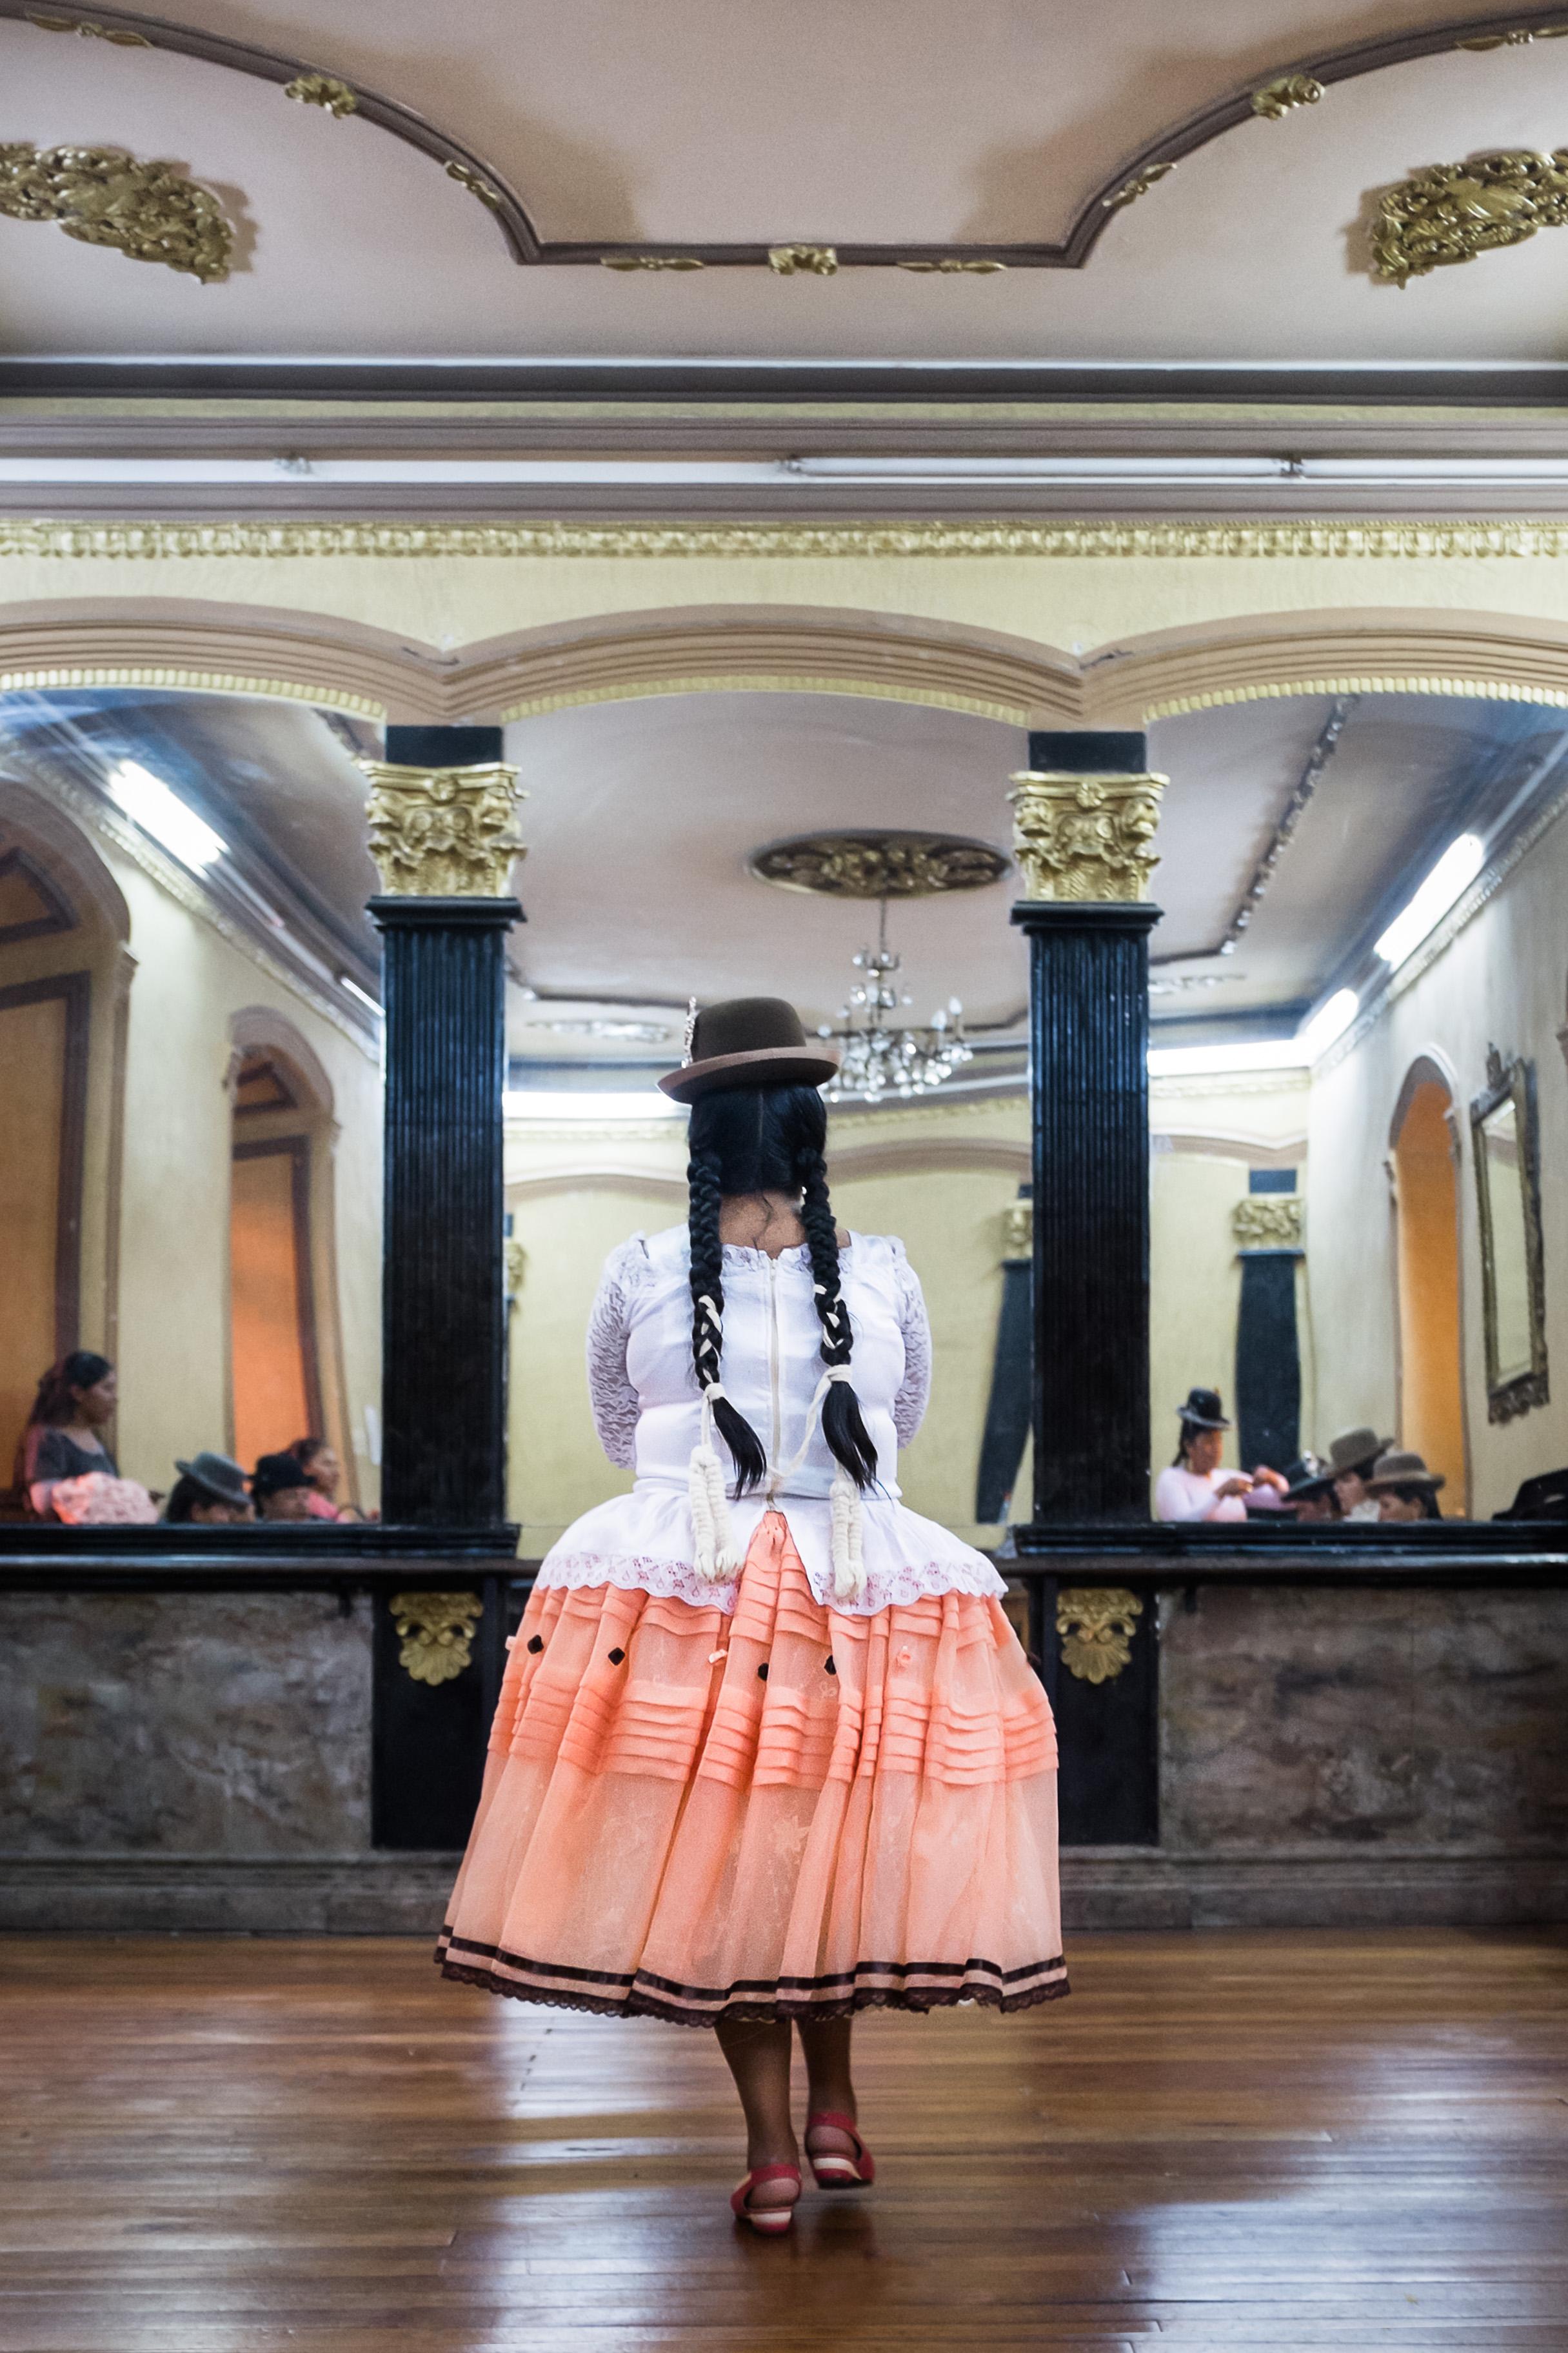 Répétitions d'un défilé de cholitas lors d'un cours de mannequinat, Hôtel Torino,  La Paz, le 2 avril 2016, Bolivie